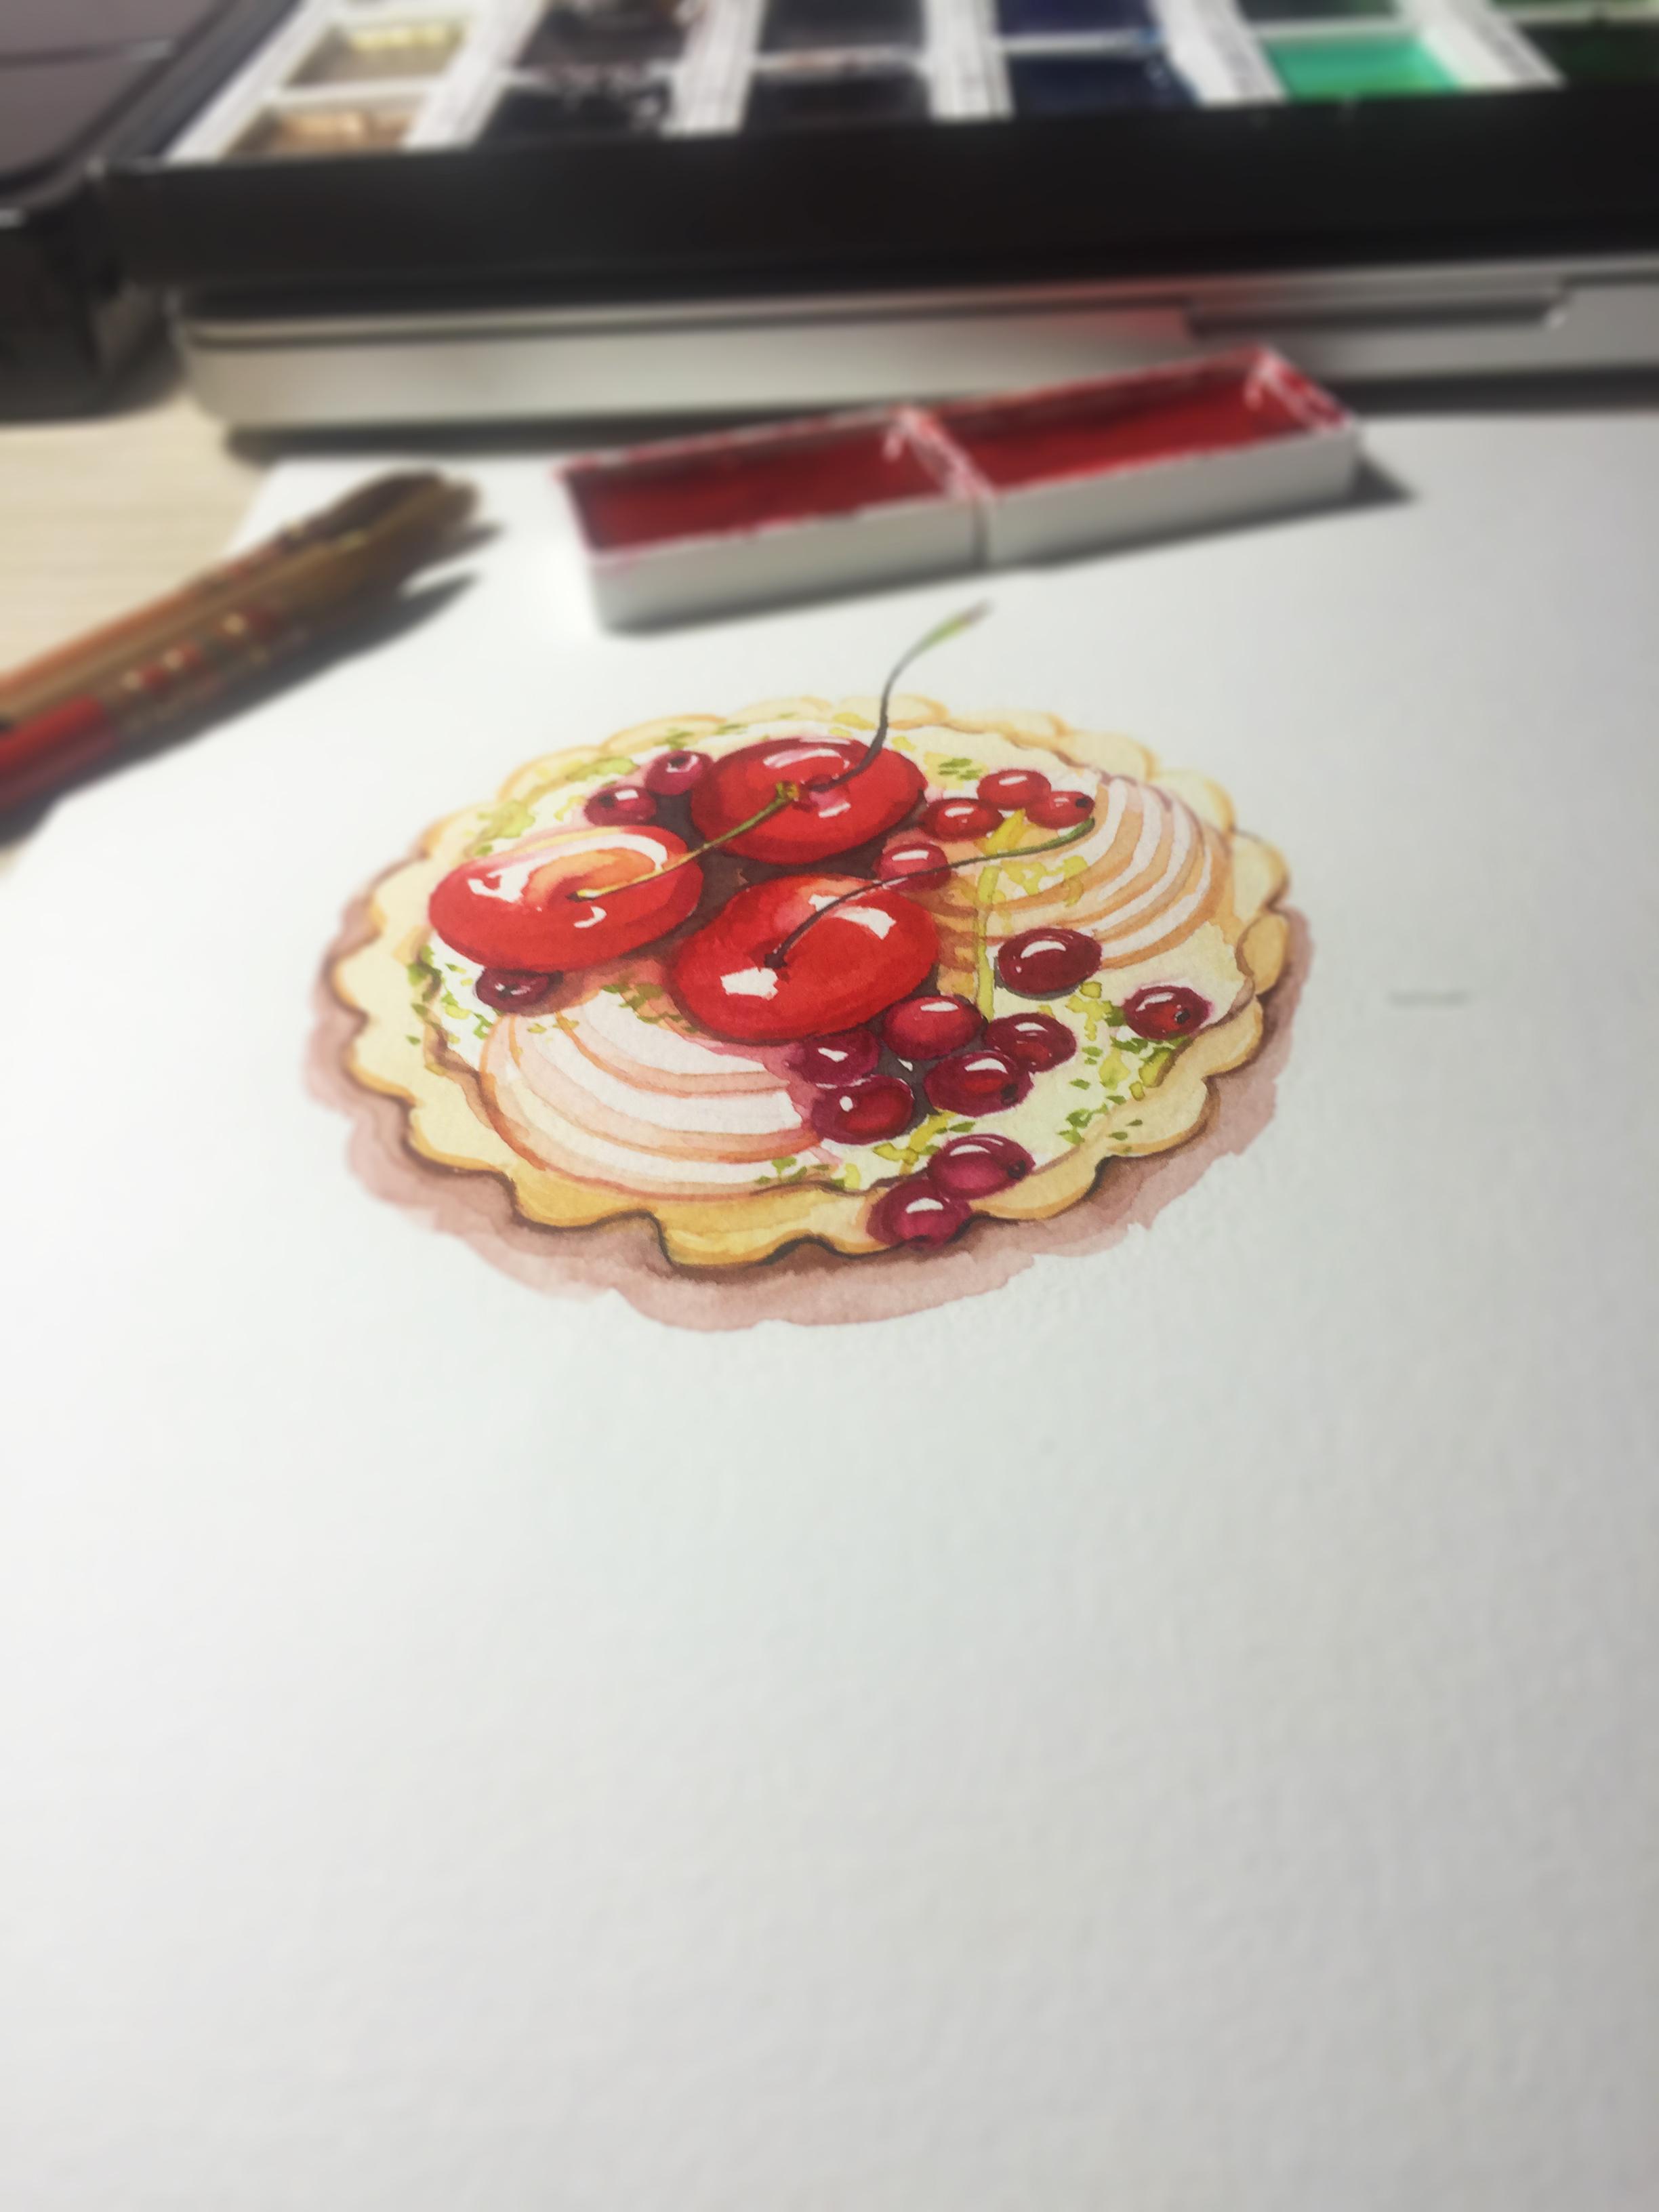 水彩手绘--甜品|纯艺术|水彩|蒲之未落 - 原创作品